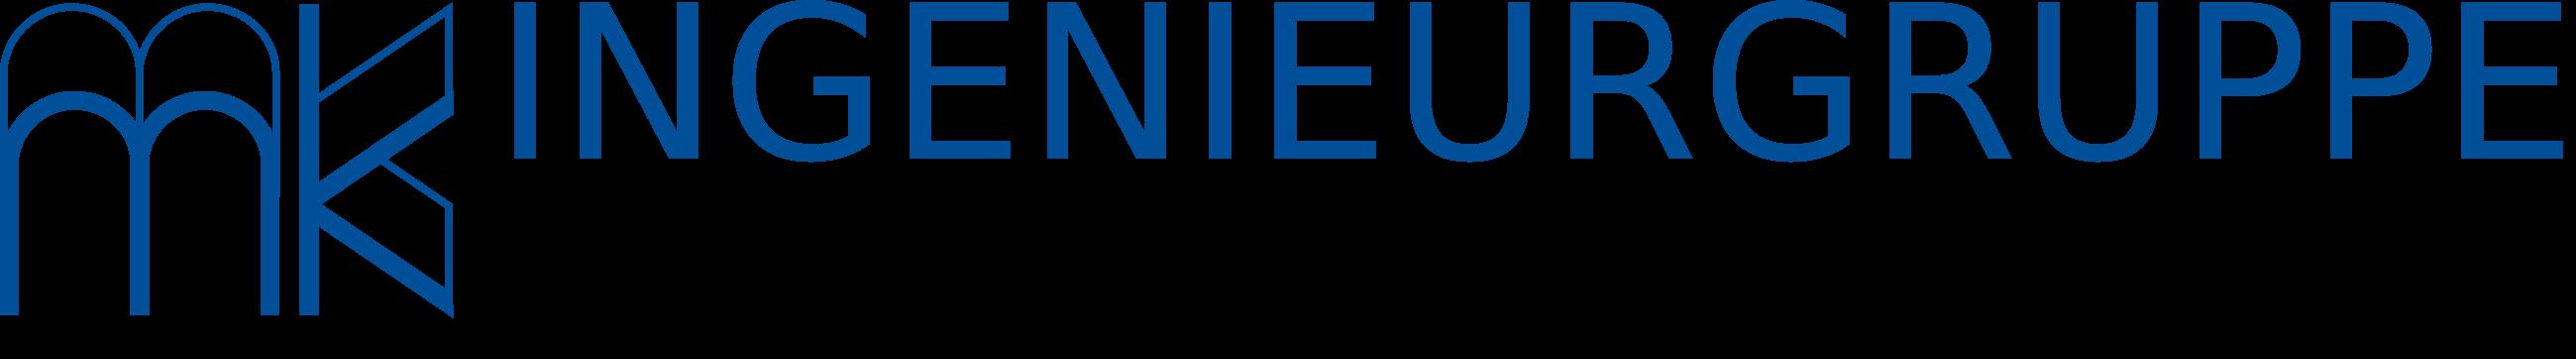 Ingenieurgruppe Knörnschild & Kollegen GmbH